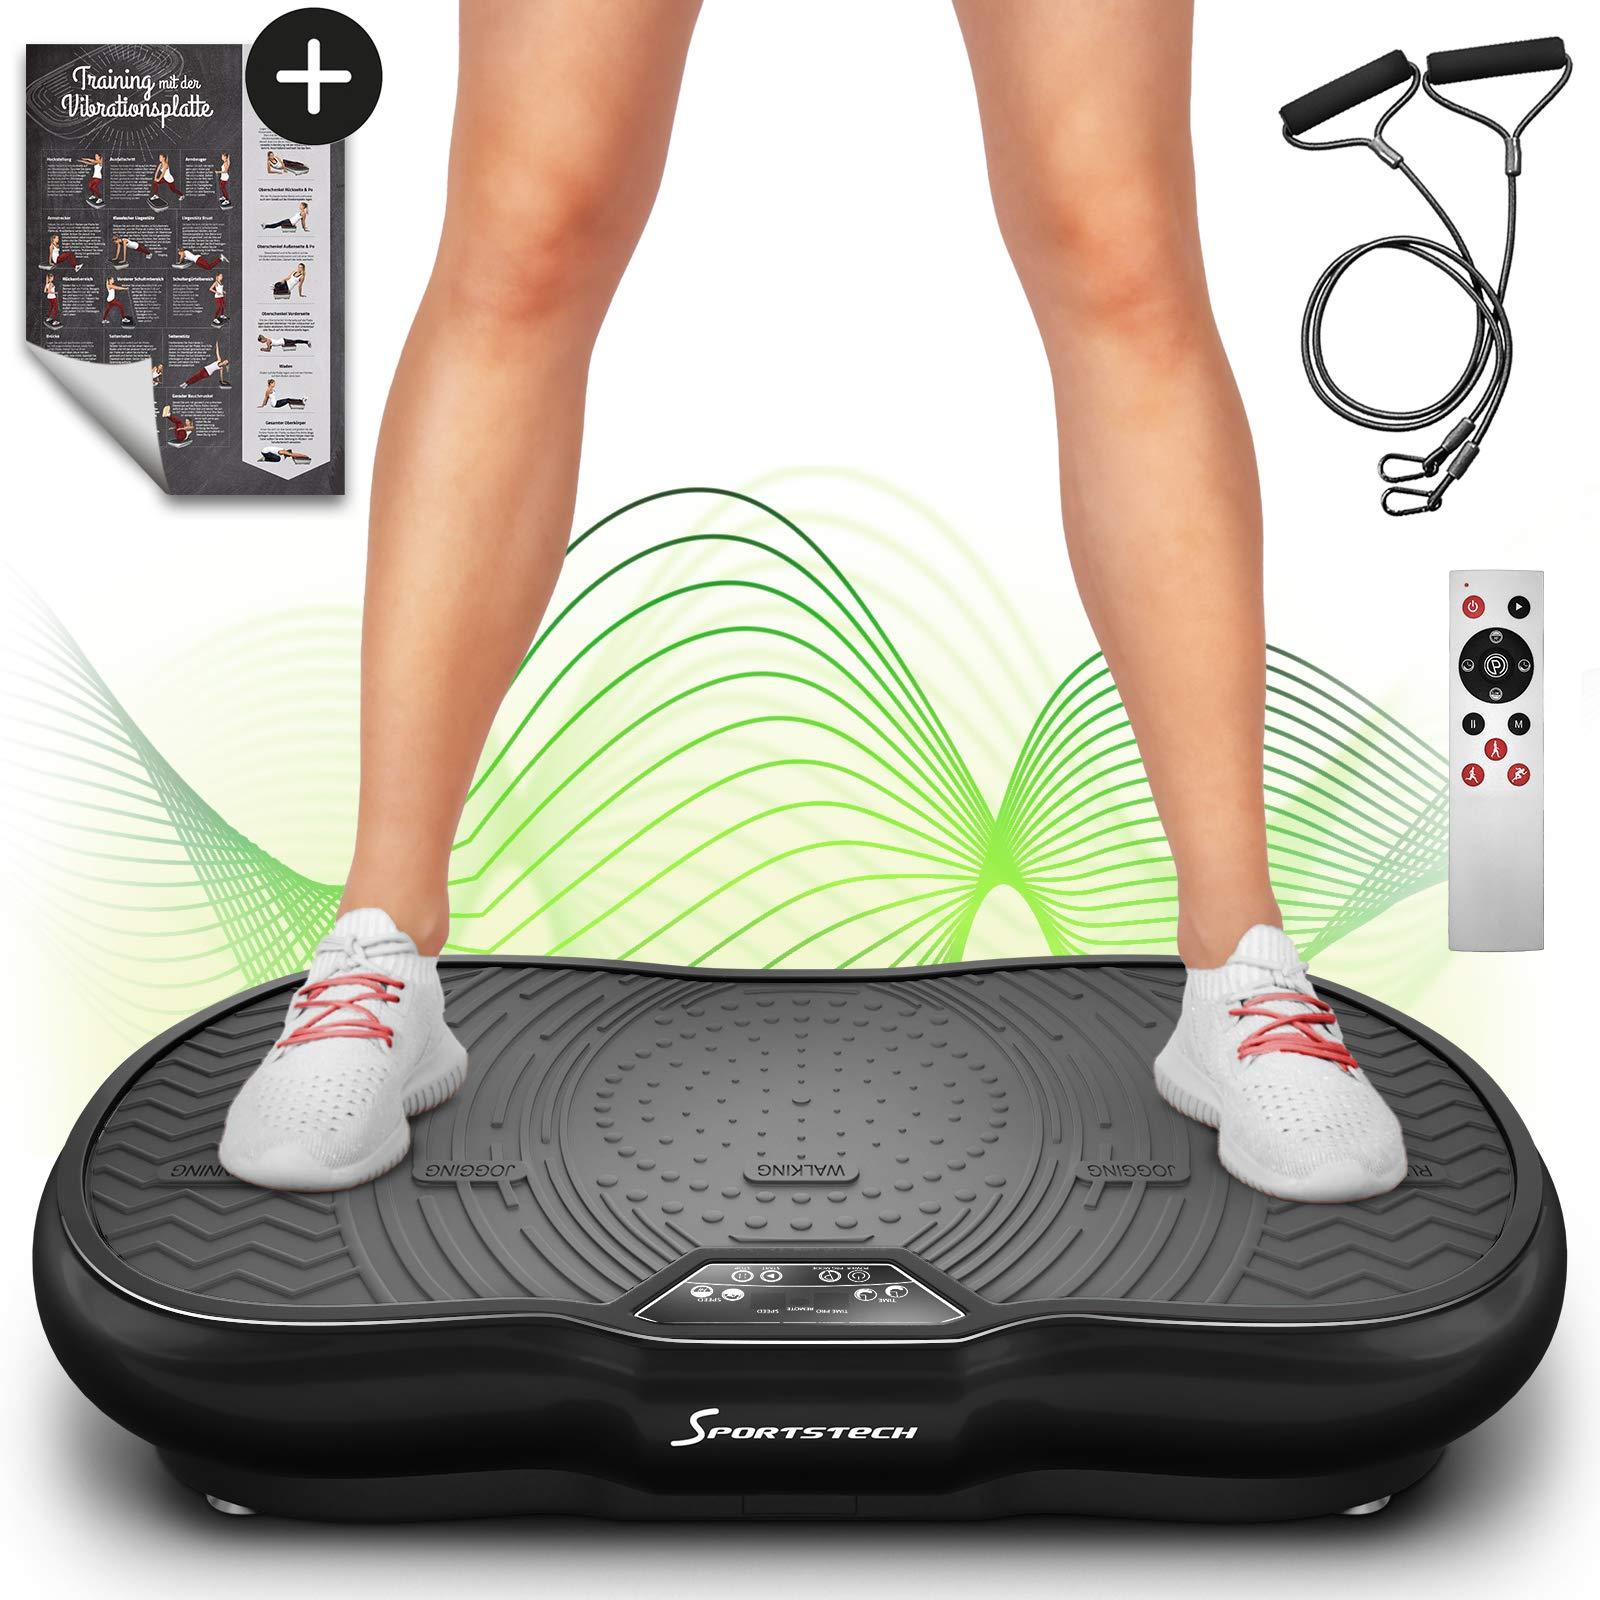 Sportstech VP200 Vibrationsplatte mit Bluetooth, innovativer Oszillationstechnologie für zu Hause, inkl. Poster + Trainingsbändern + Fernbedienung + Integrierter Lautsprecher im Vibrationsgerät